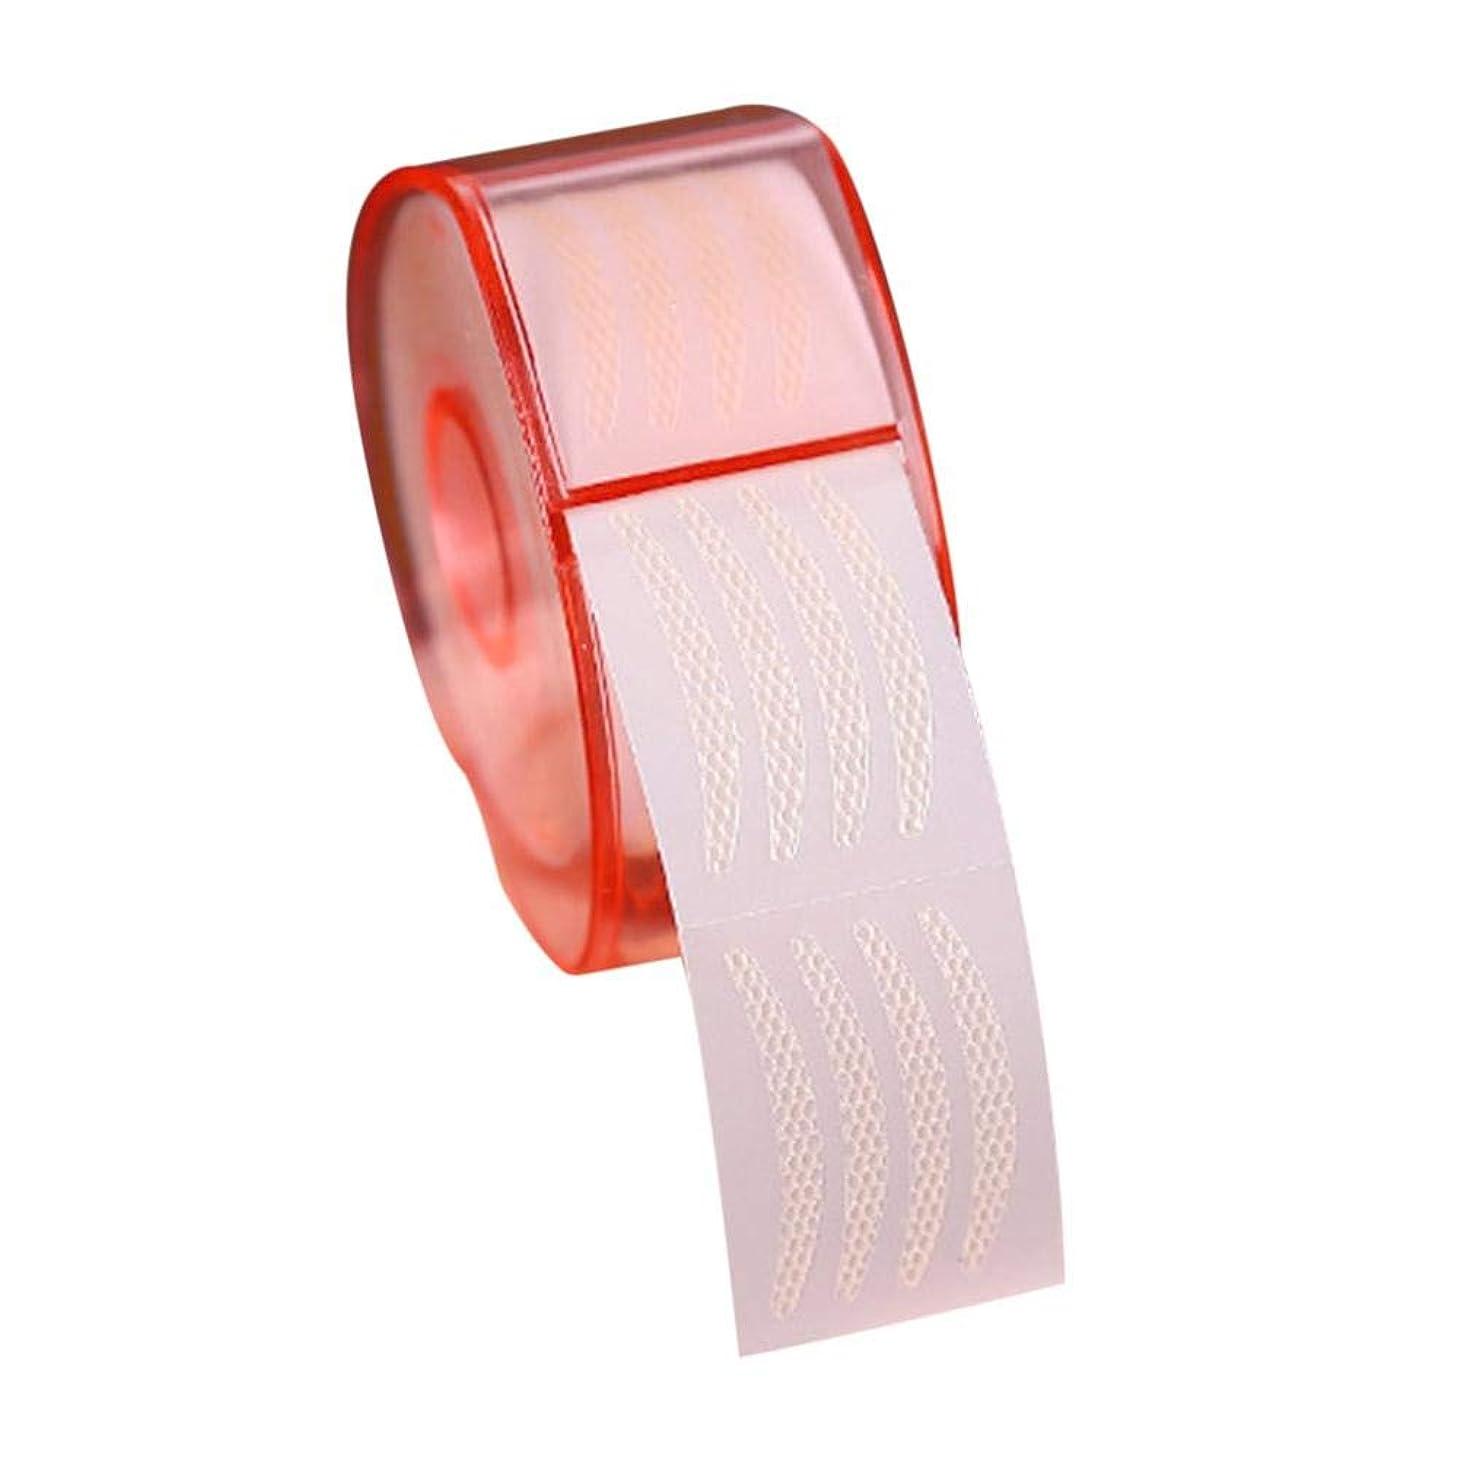 後世ダム役員まぶたテープ二重まぶたテープ、超目に見えない繊維レースまぶたリフトキット天然防水汗防止二重まぶたテープ